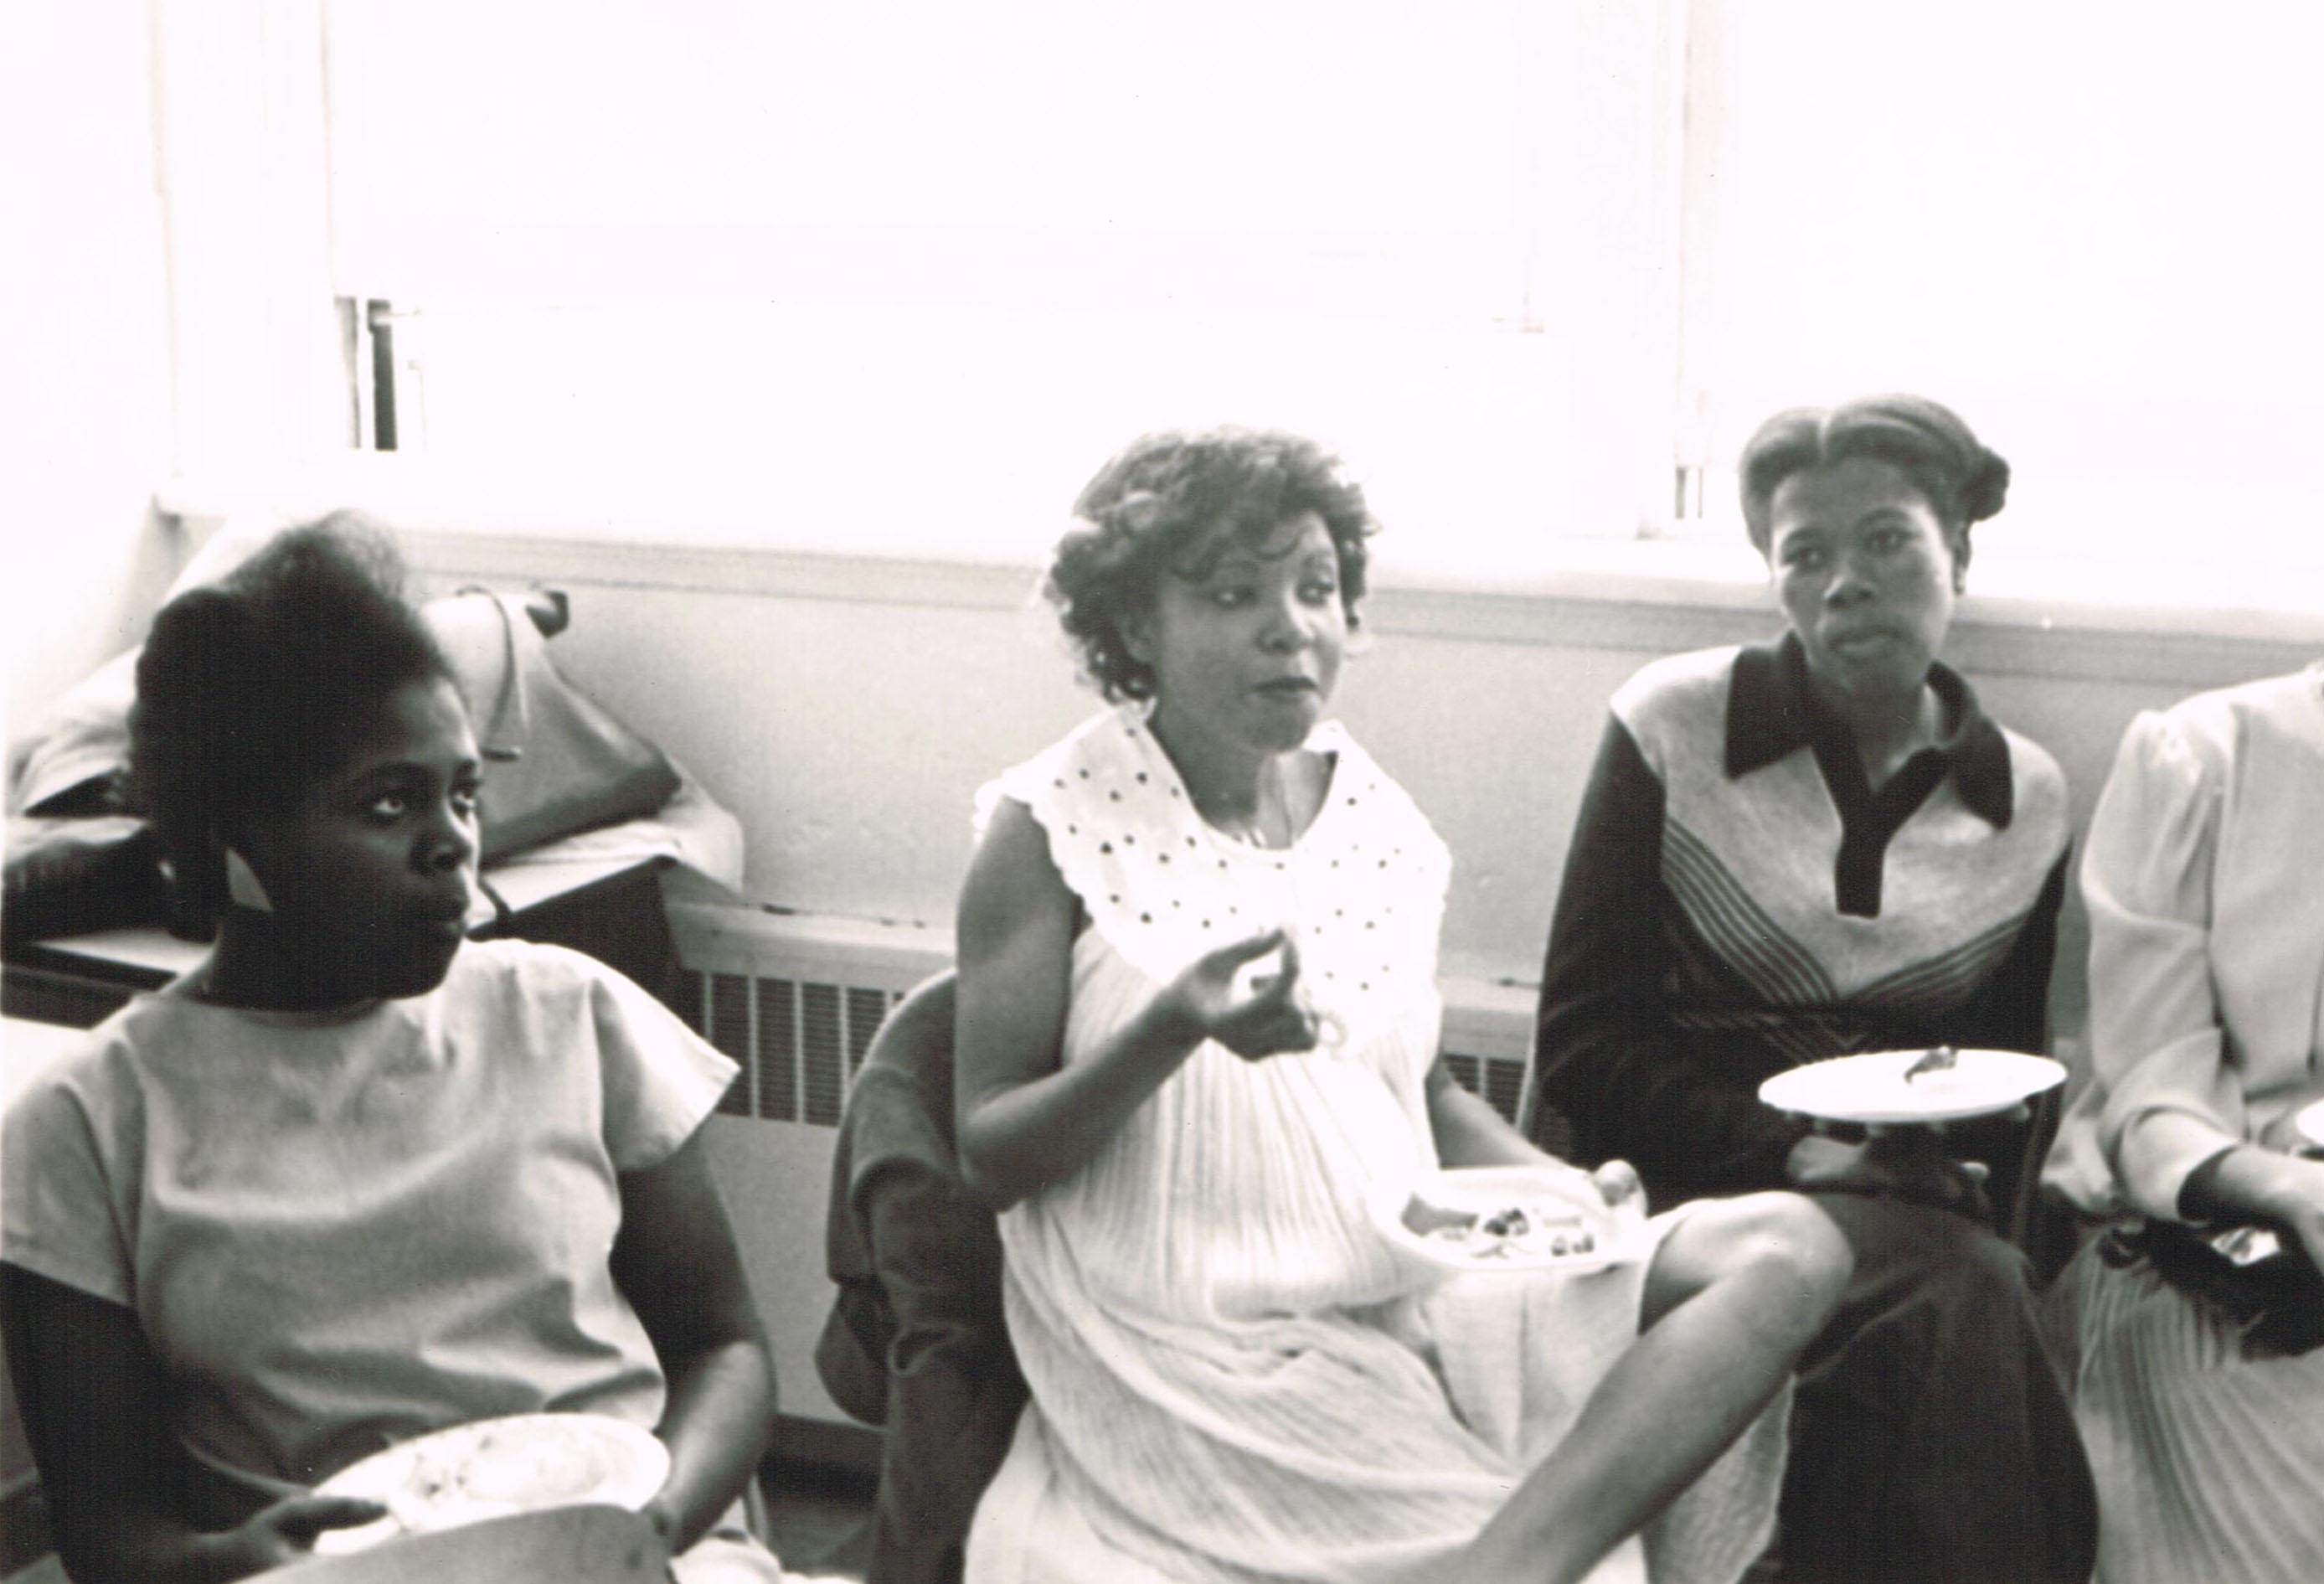 Trois femmes assises tenant une assiette lors d'une rencontre